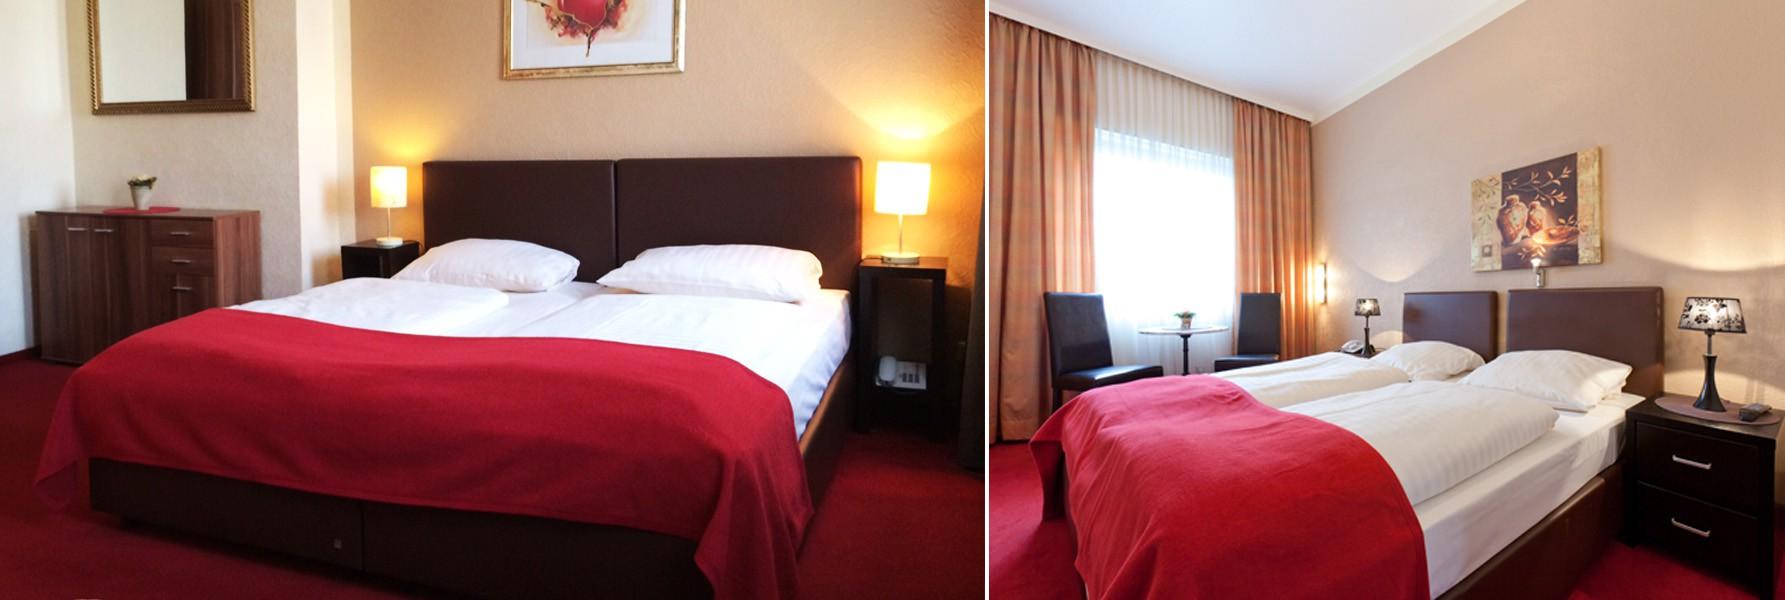 Gemutliche Hotelzimmer In Bester Lage